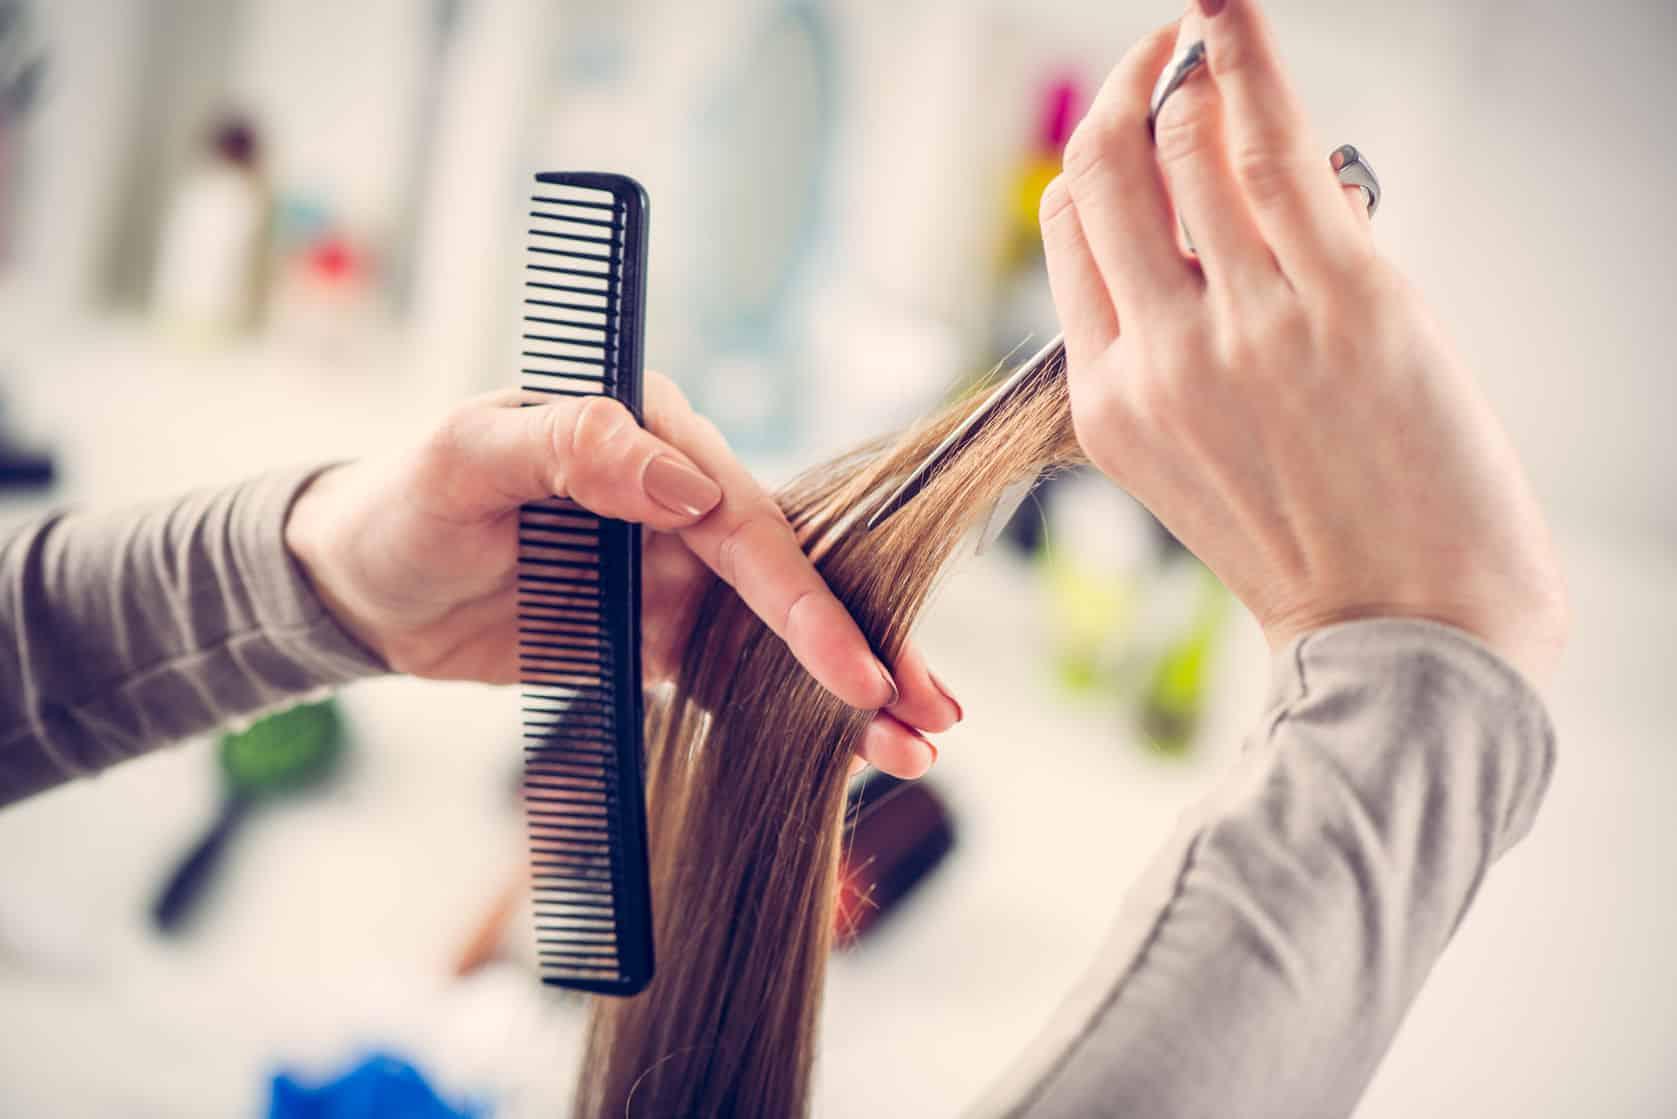 Forme visage comment bien choisir sa coupe de cheveux - Comment choisir coupe menstruelle ...